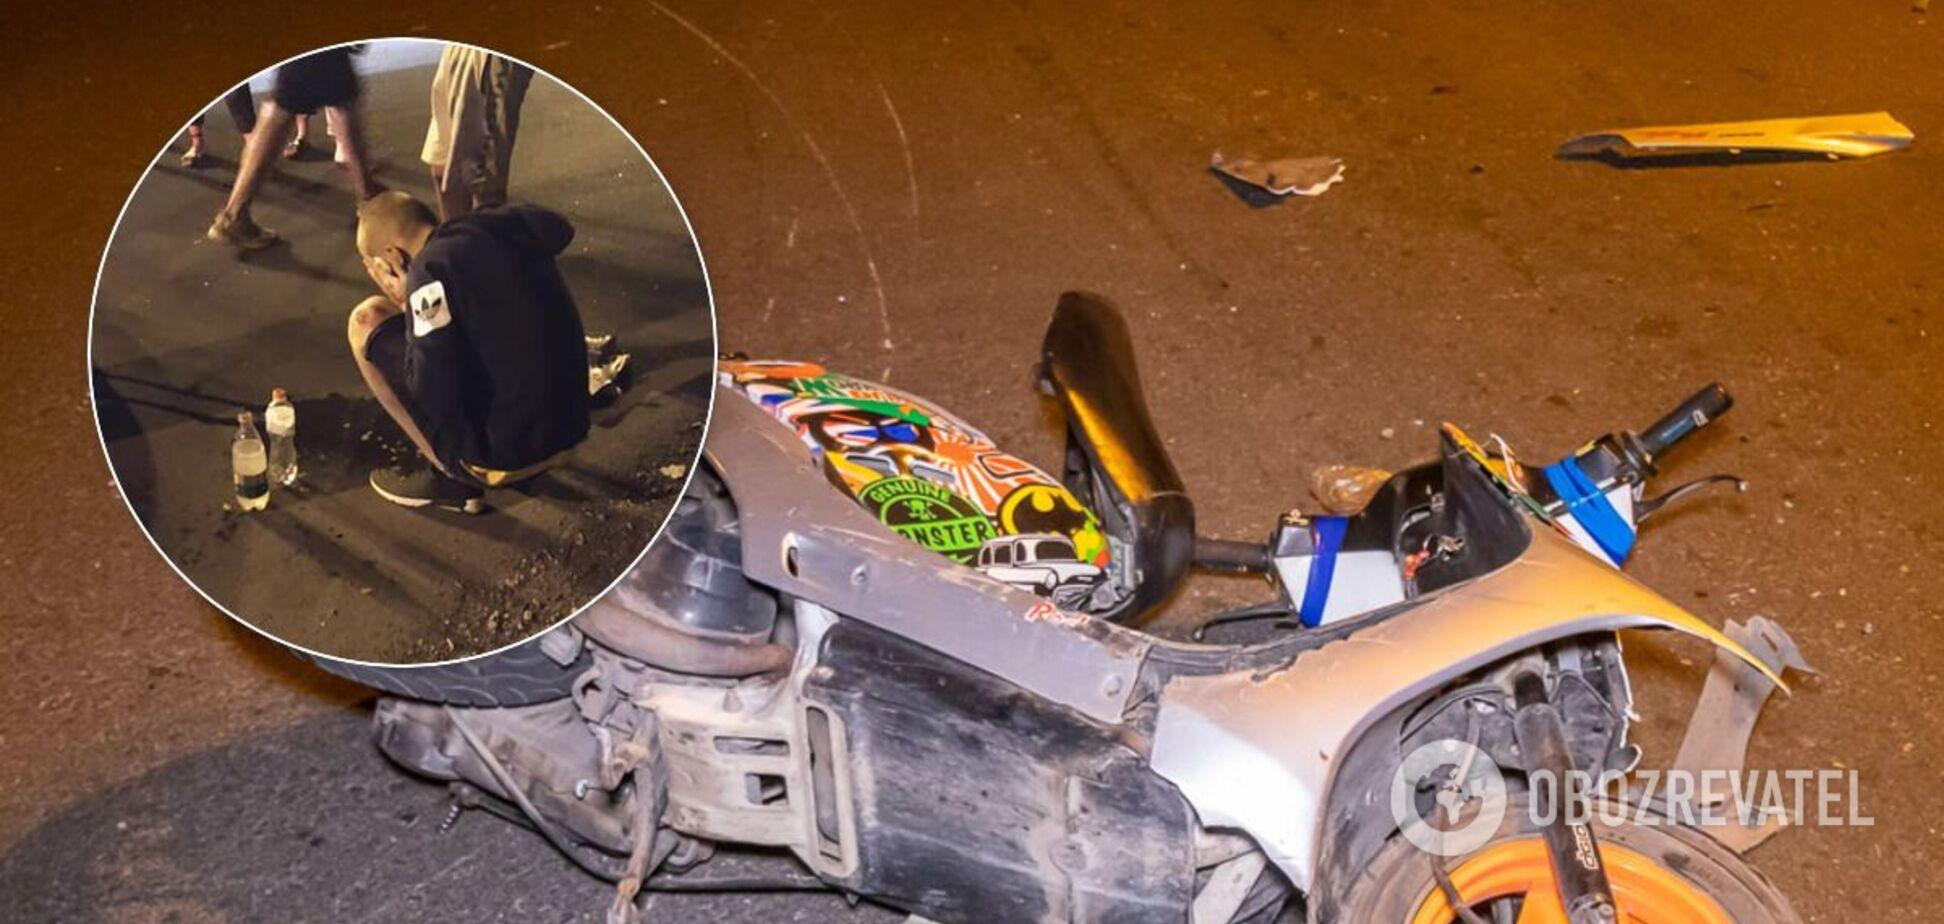 У Дніпрі неповнолітні підлітки на скутері зіткнулися з авто: є постраждалий. Фото